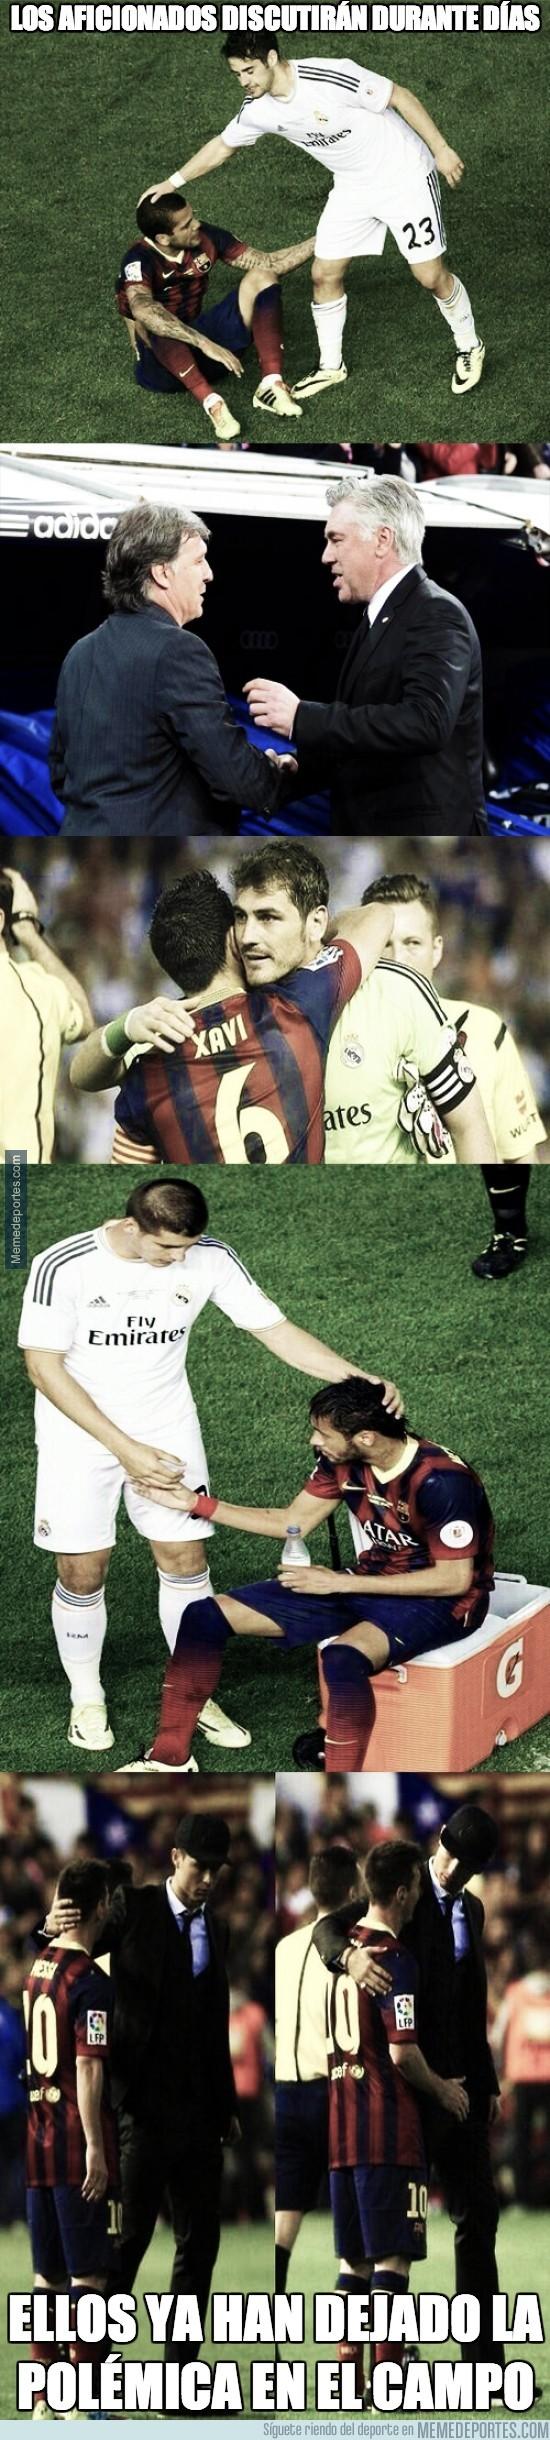 301091 - Éstas son las imágenes más reconciliadoras tras la final de Copa del Rey